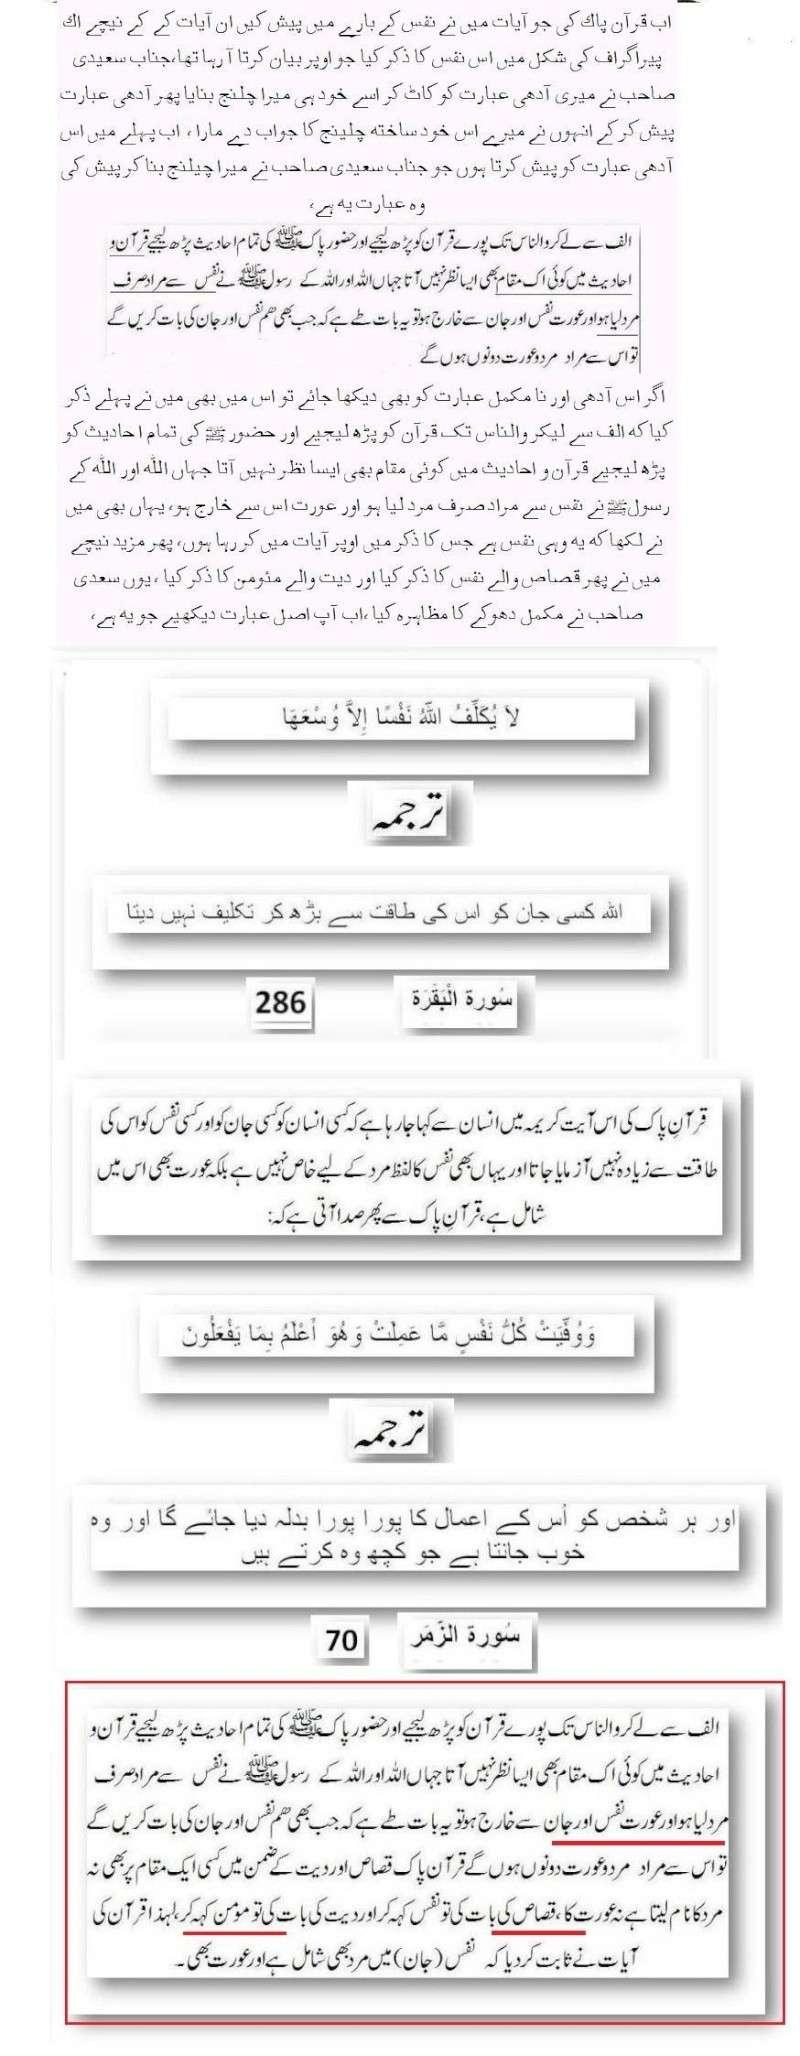 دیت کی جعلی فتوی فیکٹری پر منہاج القرآن کی فتح کا جھنڈا - Page 2 Post_413